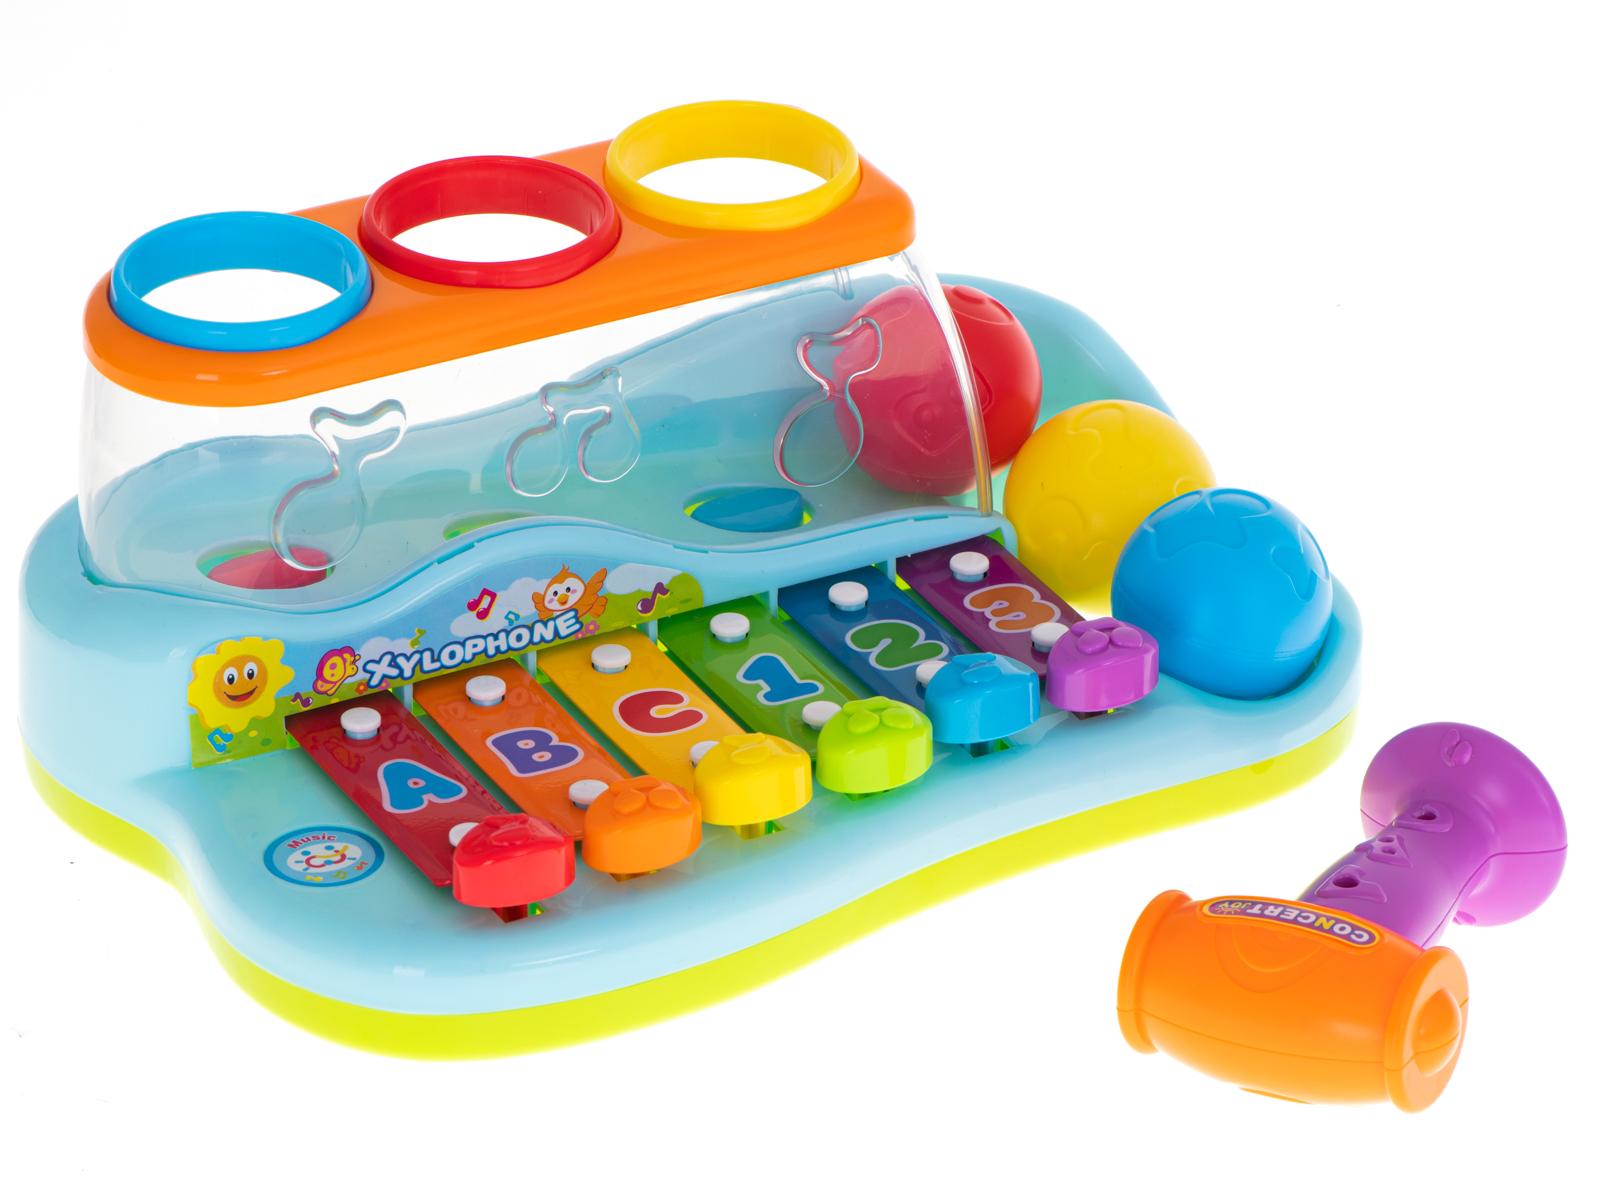 Huile Toys Dětský xylofon s kladívkem a míčky, KX6003